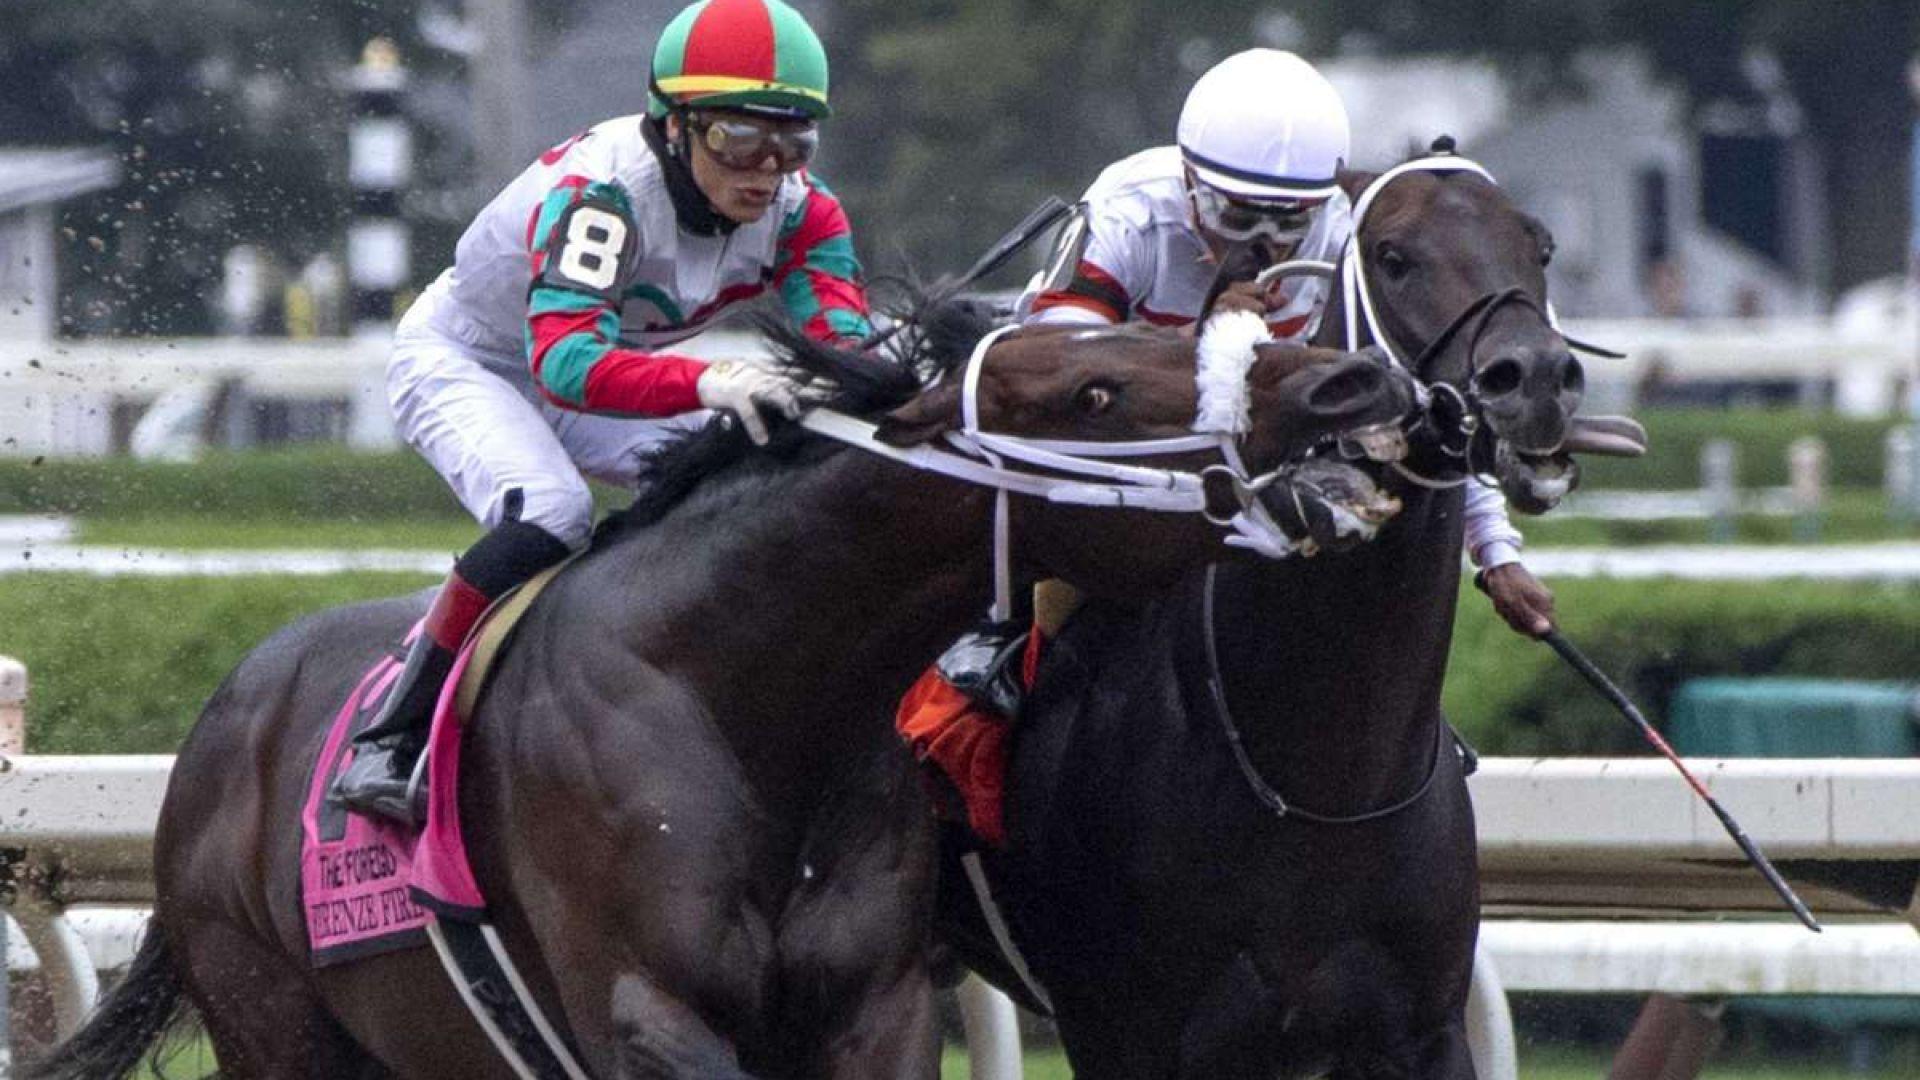 Състезателен кон се прояви като Майк Тайсън на финалната права